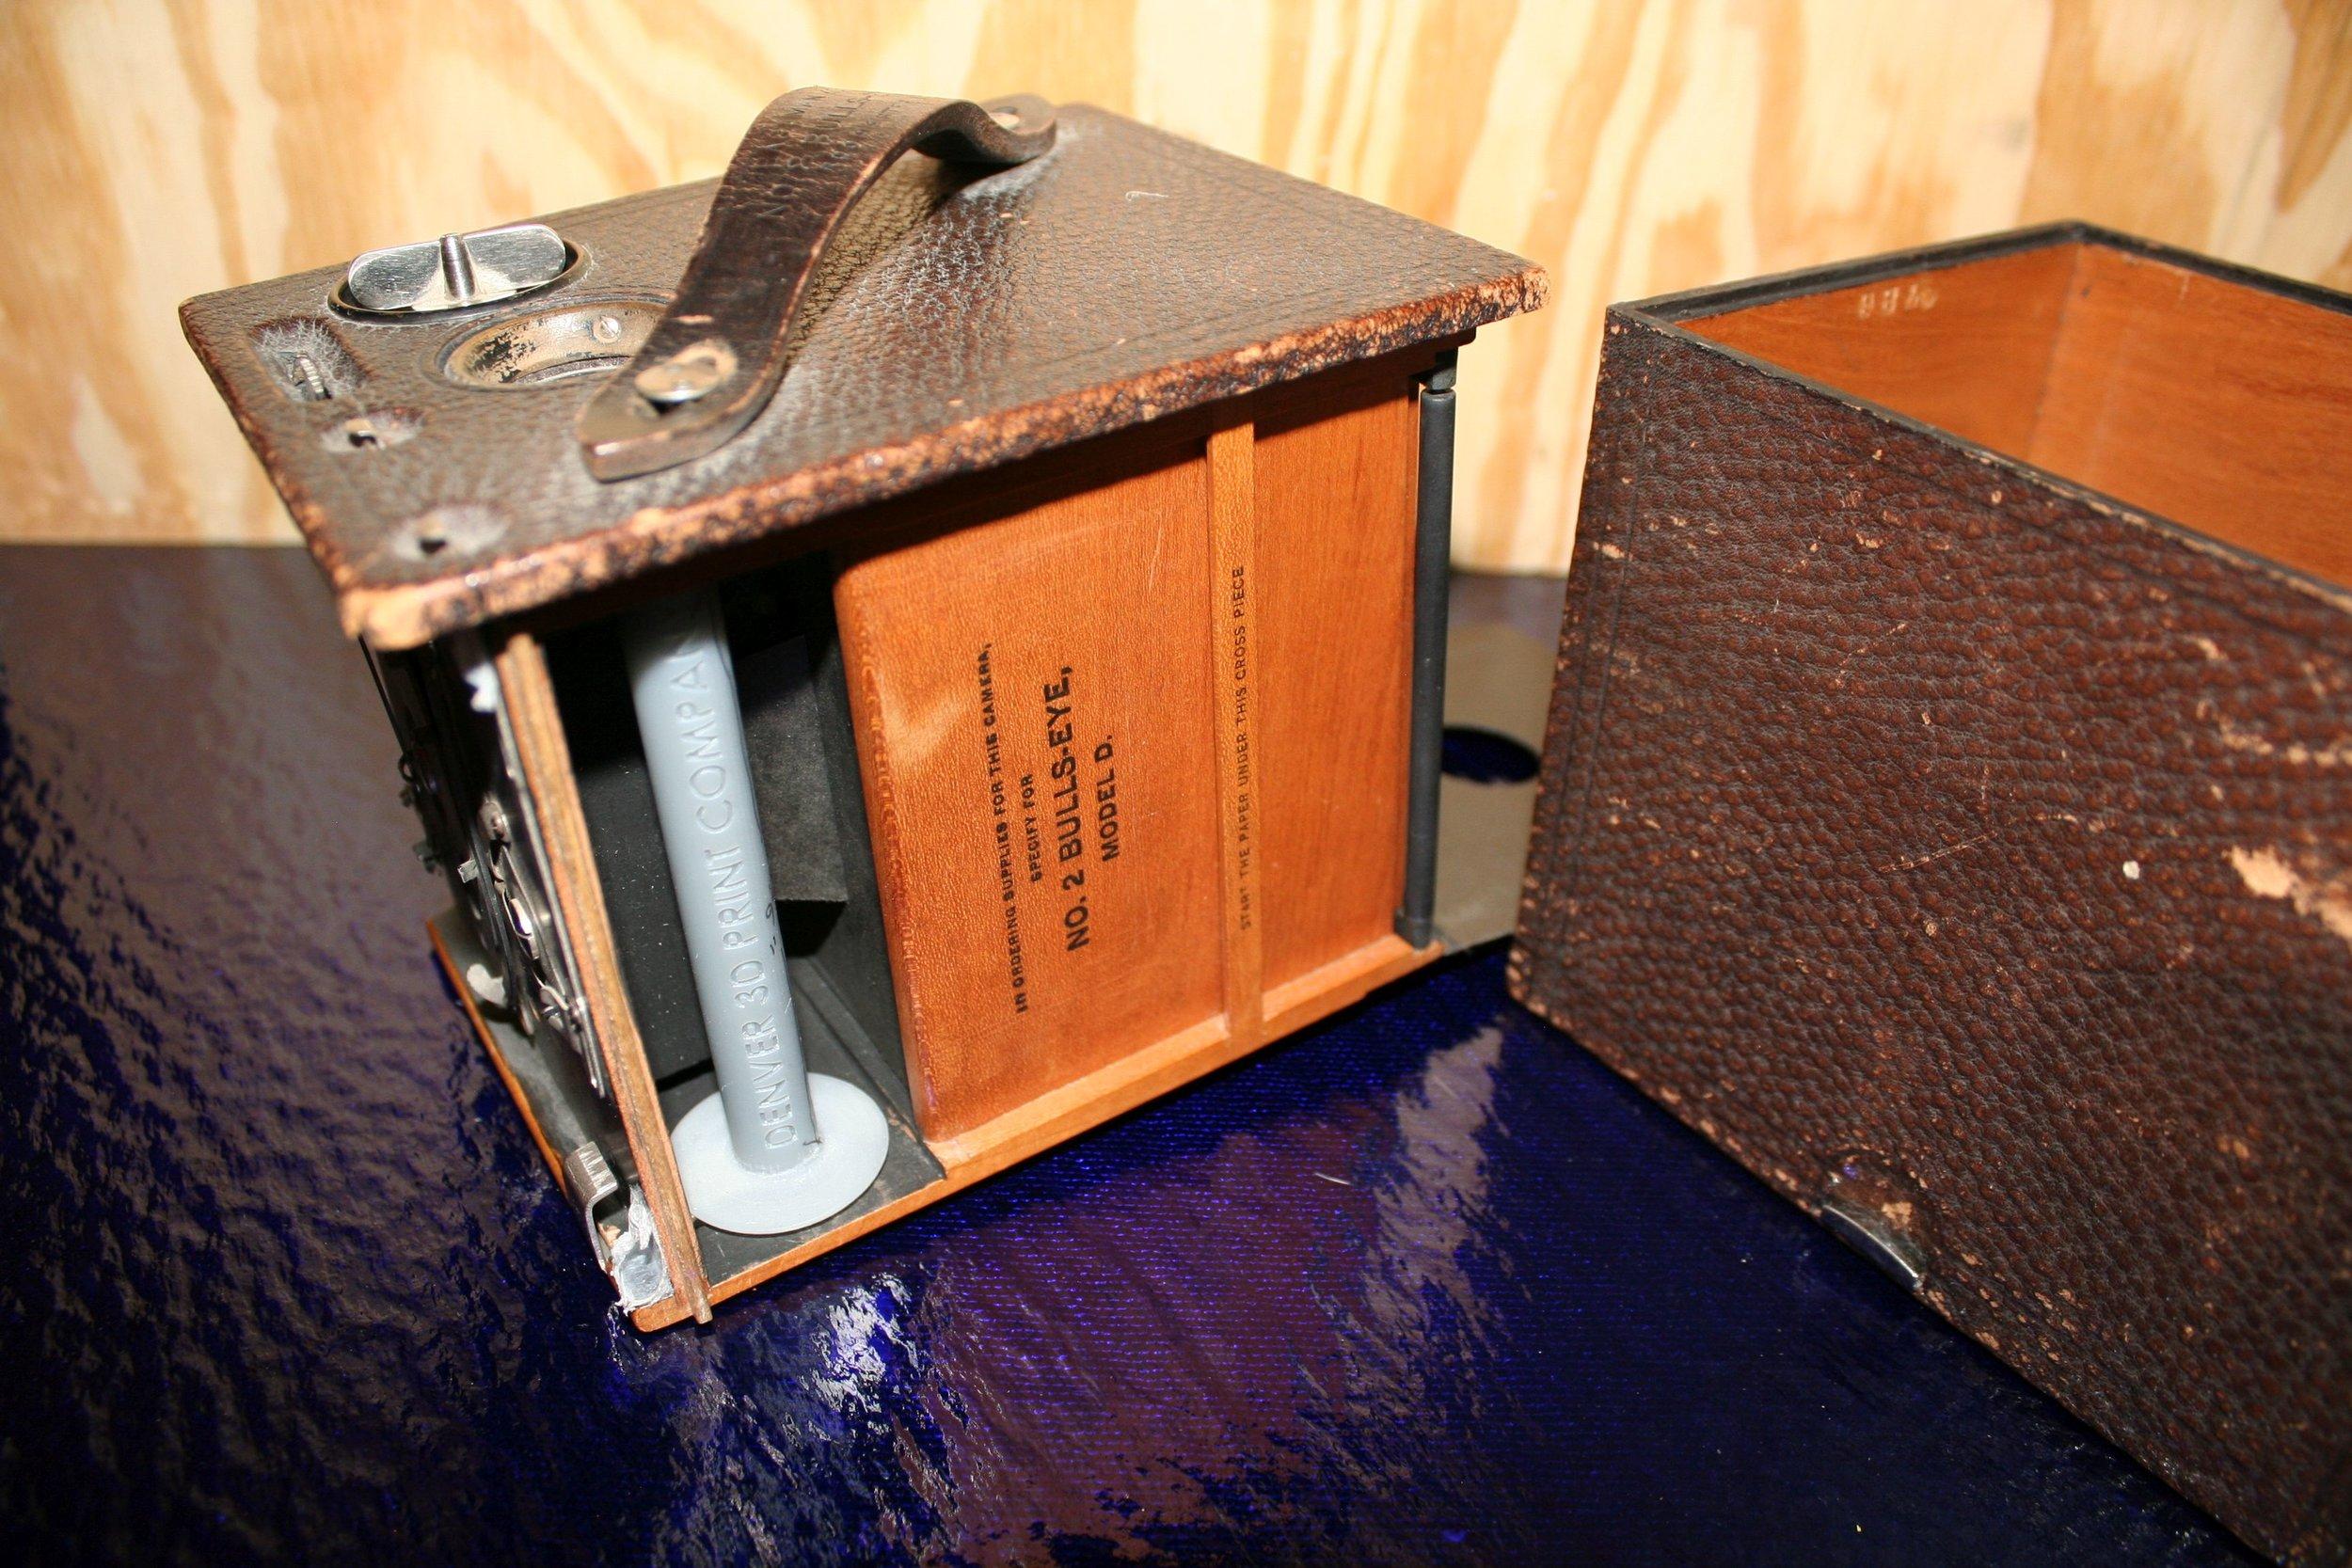 Spool Replacement for 1800's Kodak Camera